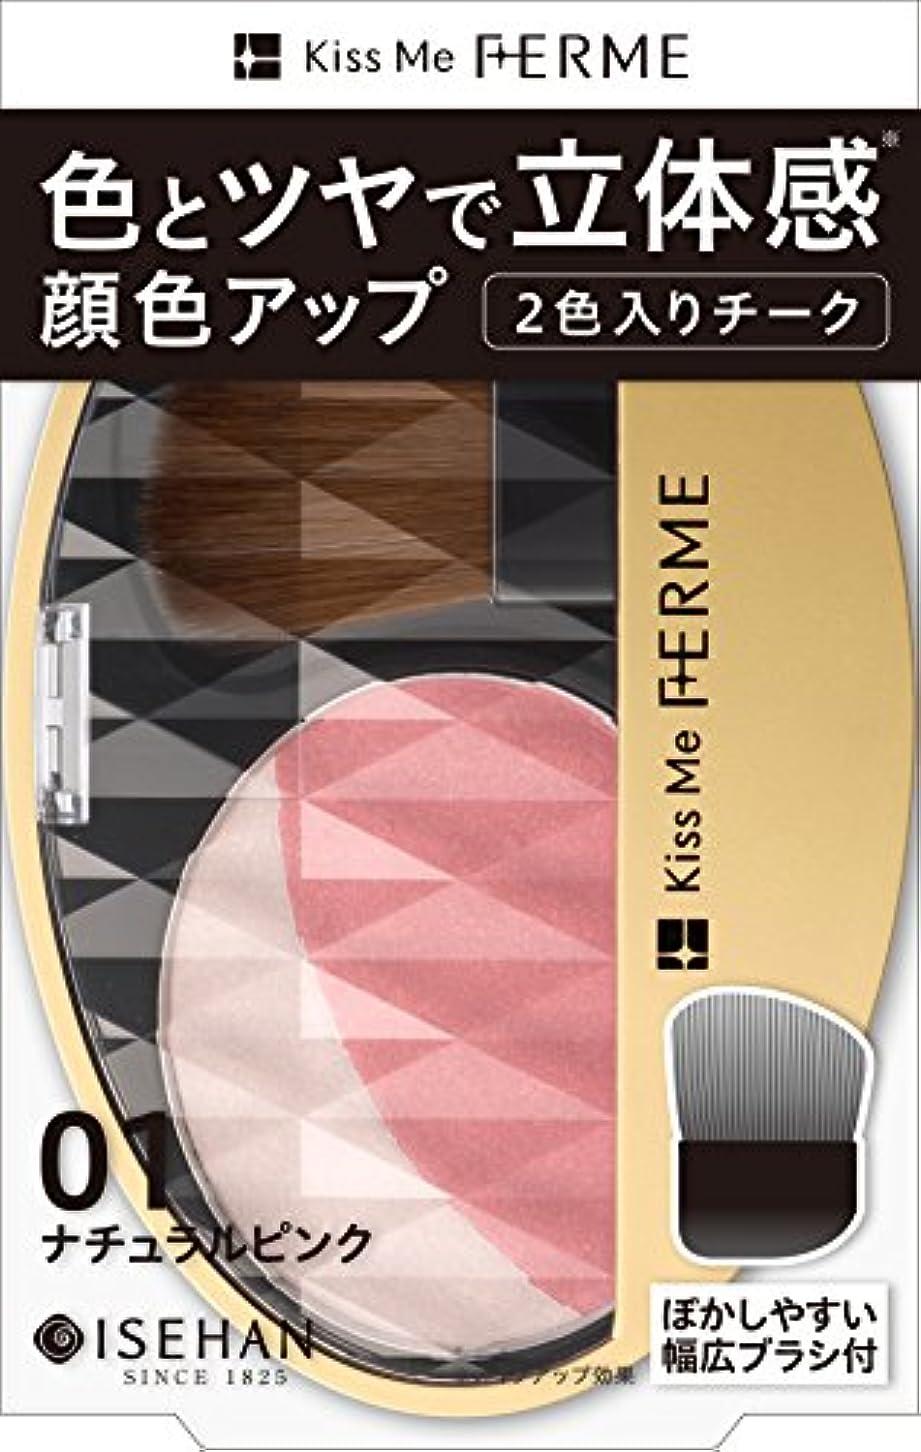 協定やさしい希少性フェルム 立体感アップチーク01 ナチュラルピンク